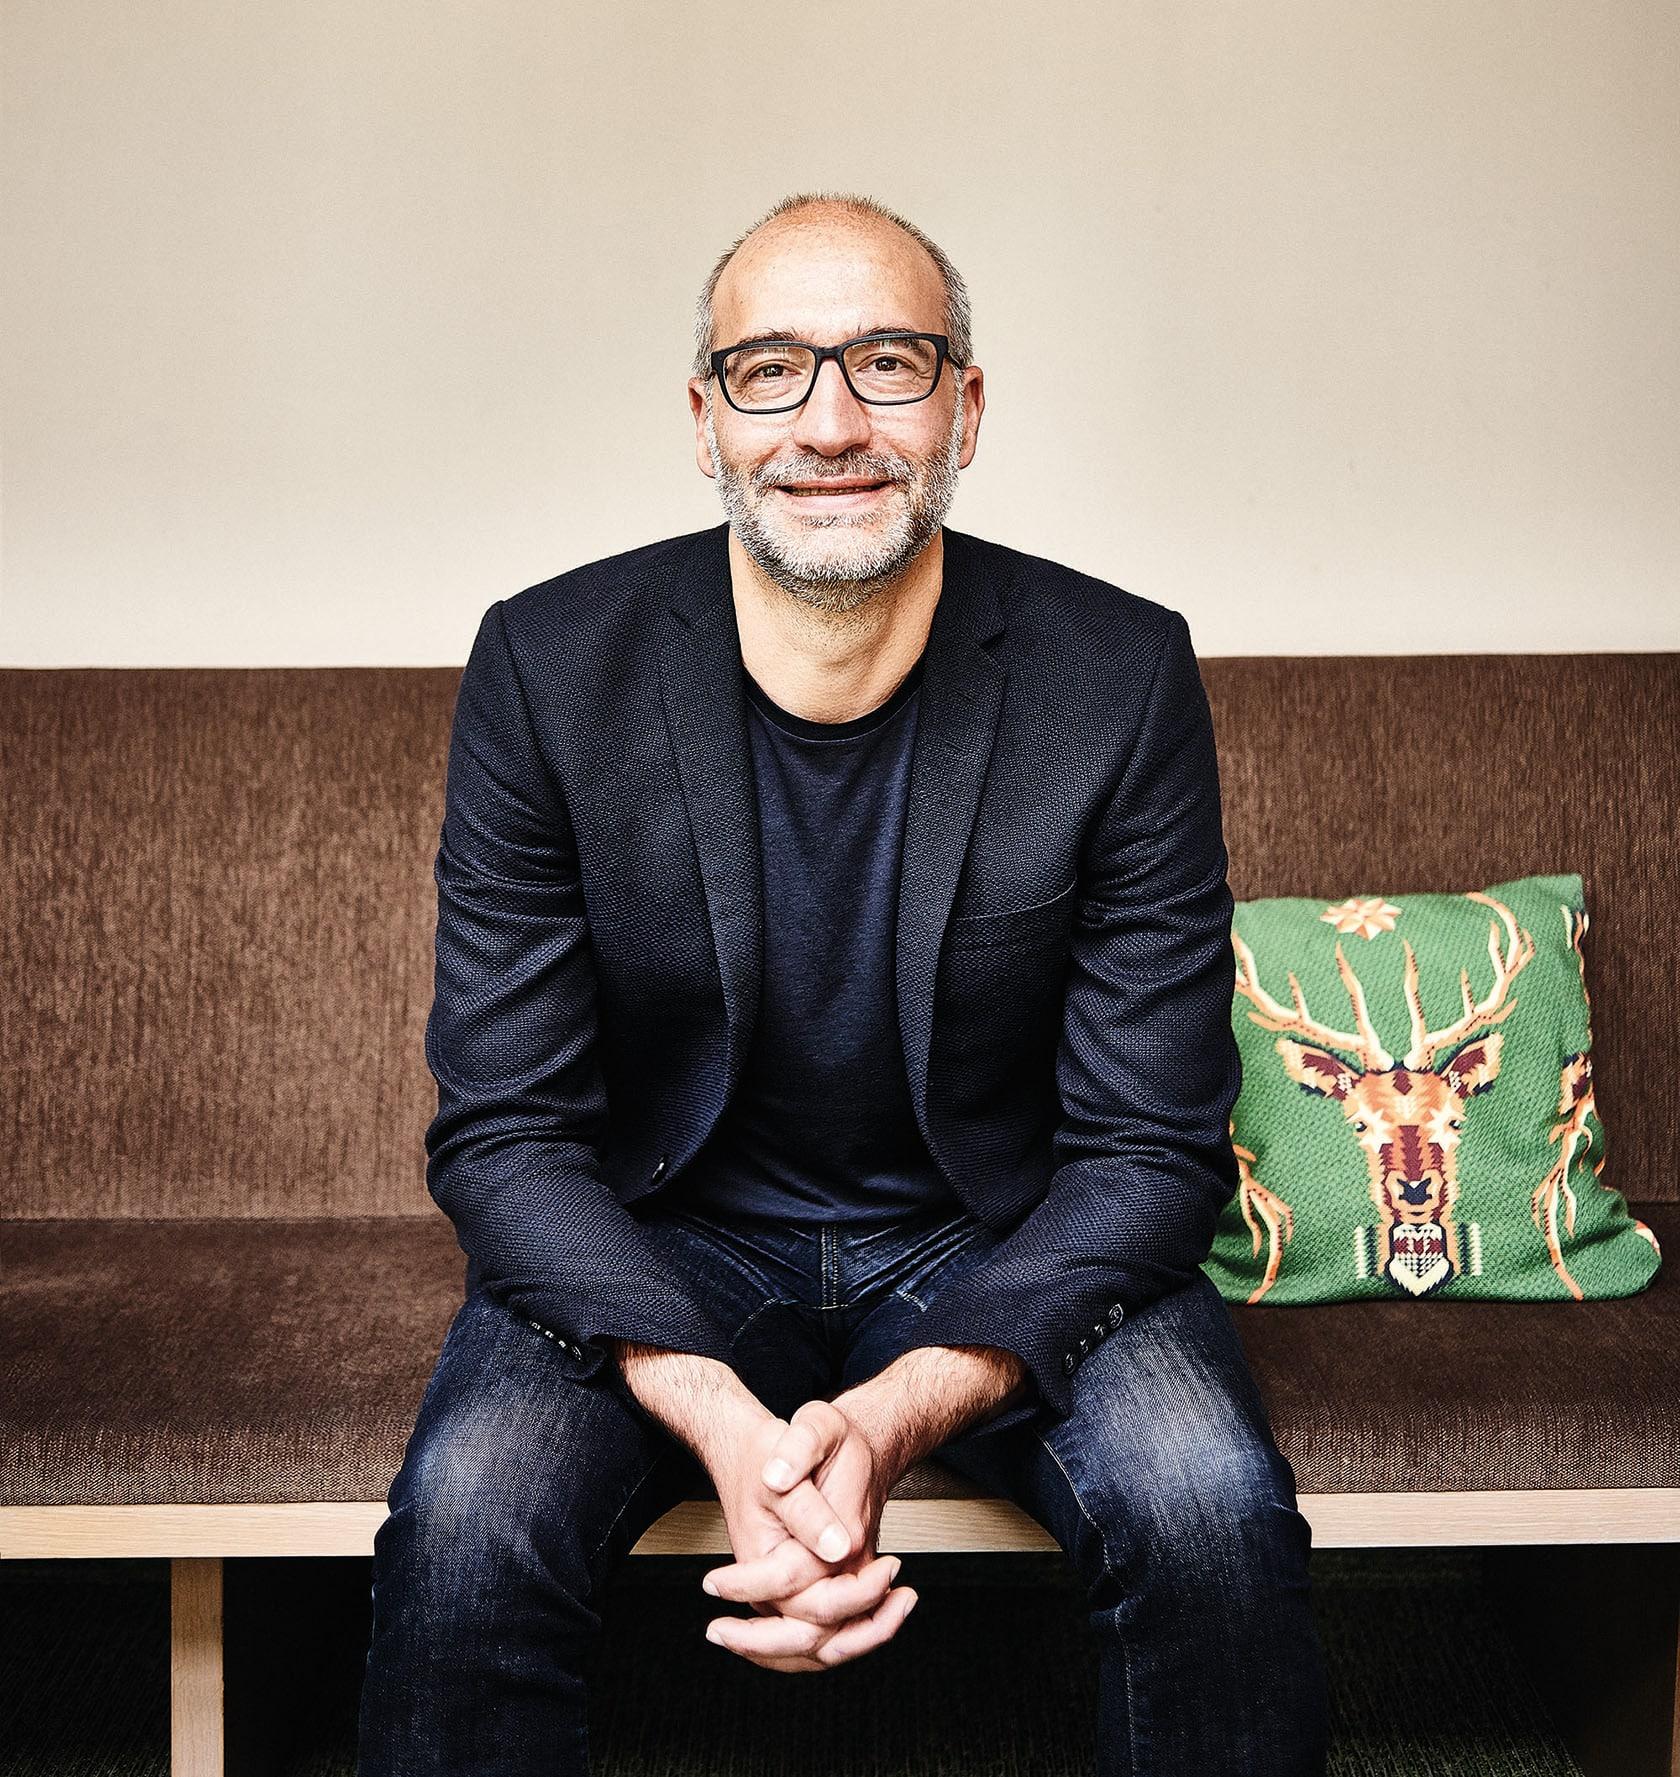 Der Unternehmer Olaf Gstettner bleibt weiterhin Vorsitzender des Gastronomischen Bildungszentrums Koblenz (GBZ). Er ist seit 2008 Mitglied im Vorstand und seit 2014 Vorsitzender des GBZ.